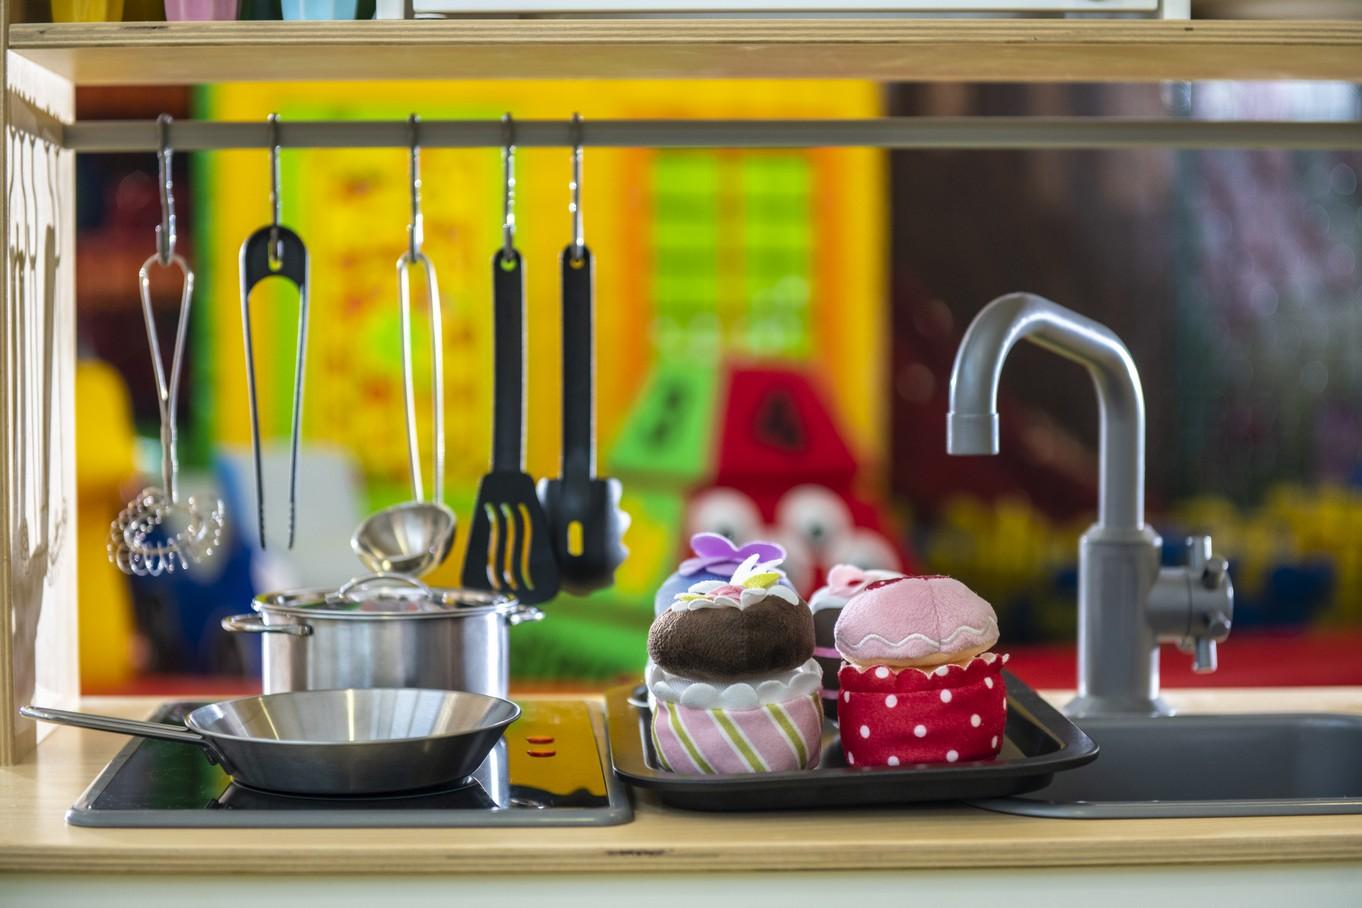 Mini-konyha-Jatszohaz-HotelDelibabHajduszoboszlo